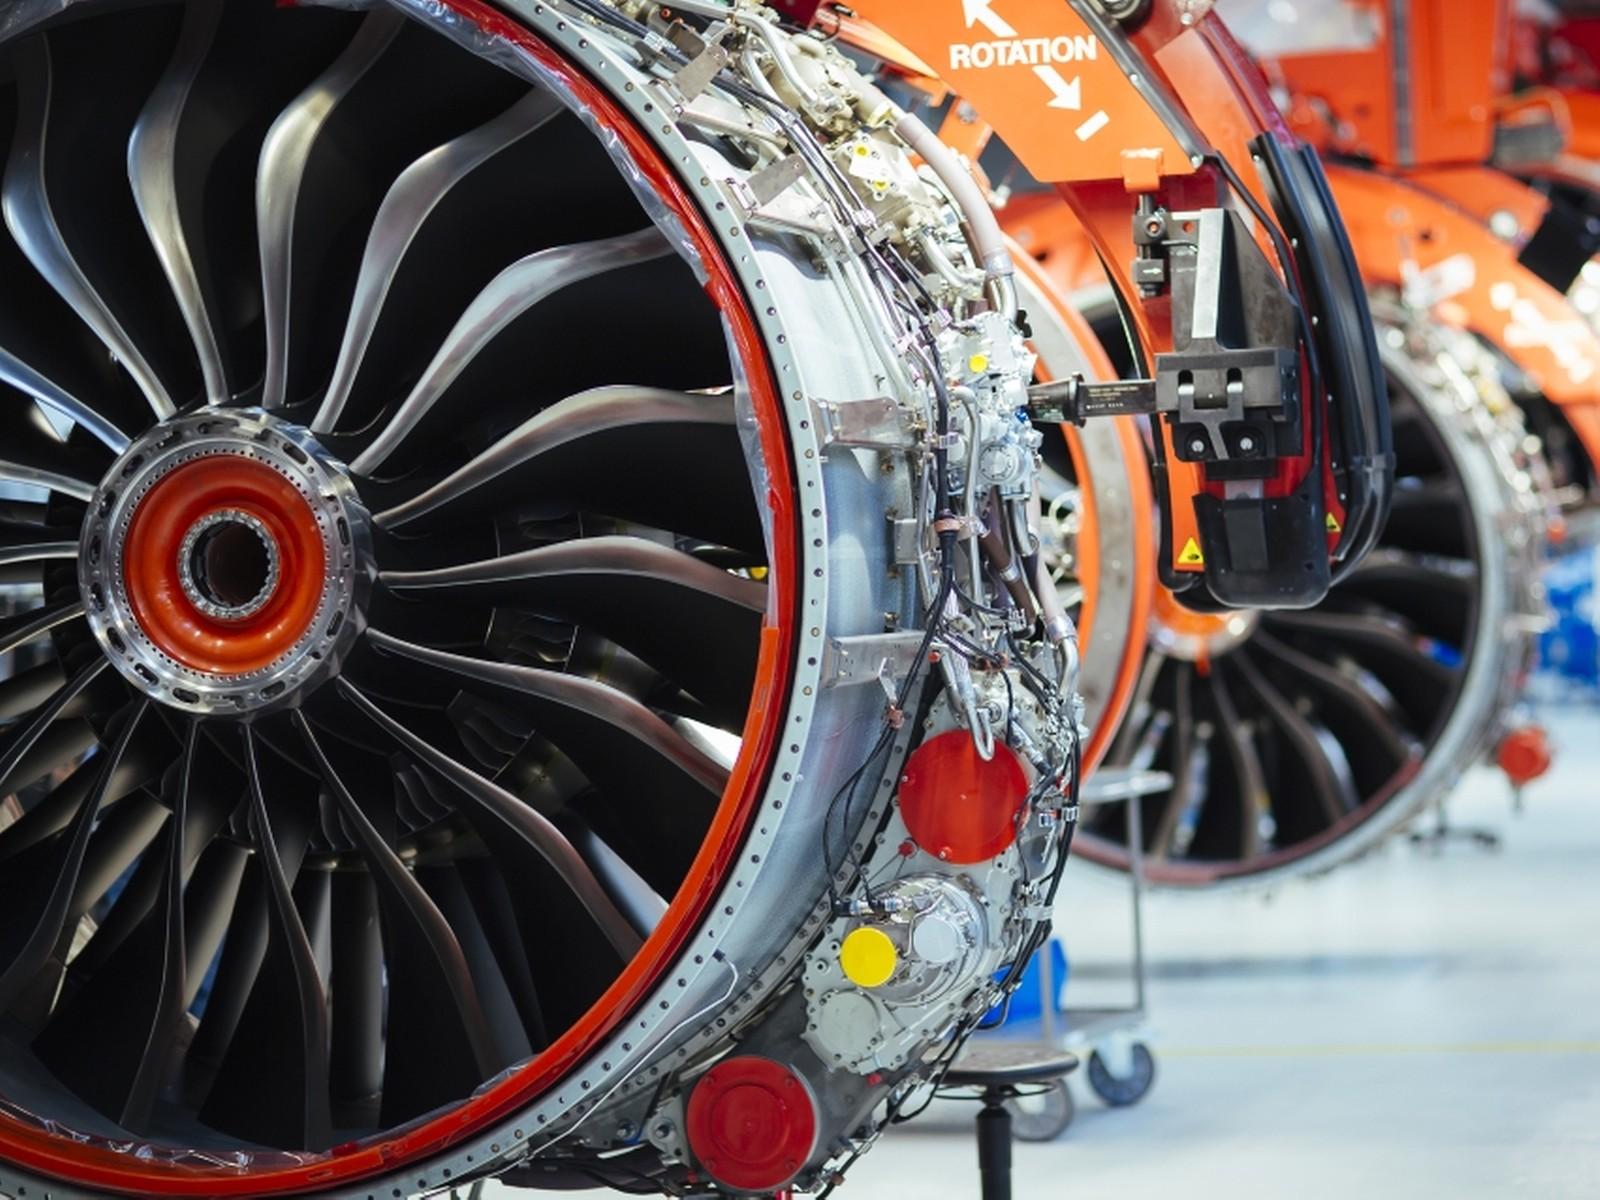 Hybridlager eignen sich für besonders anspruchsvolle Anwendungen wie beispielsweise in Flugzeugtriebwerken oder auch ölfreien Kompressoren von Kältemaschinen.